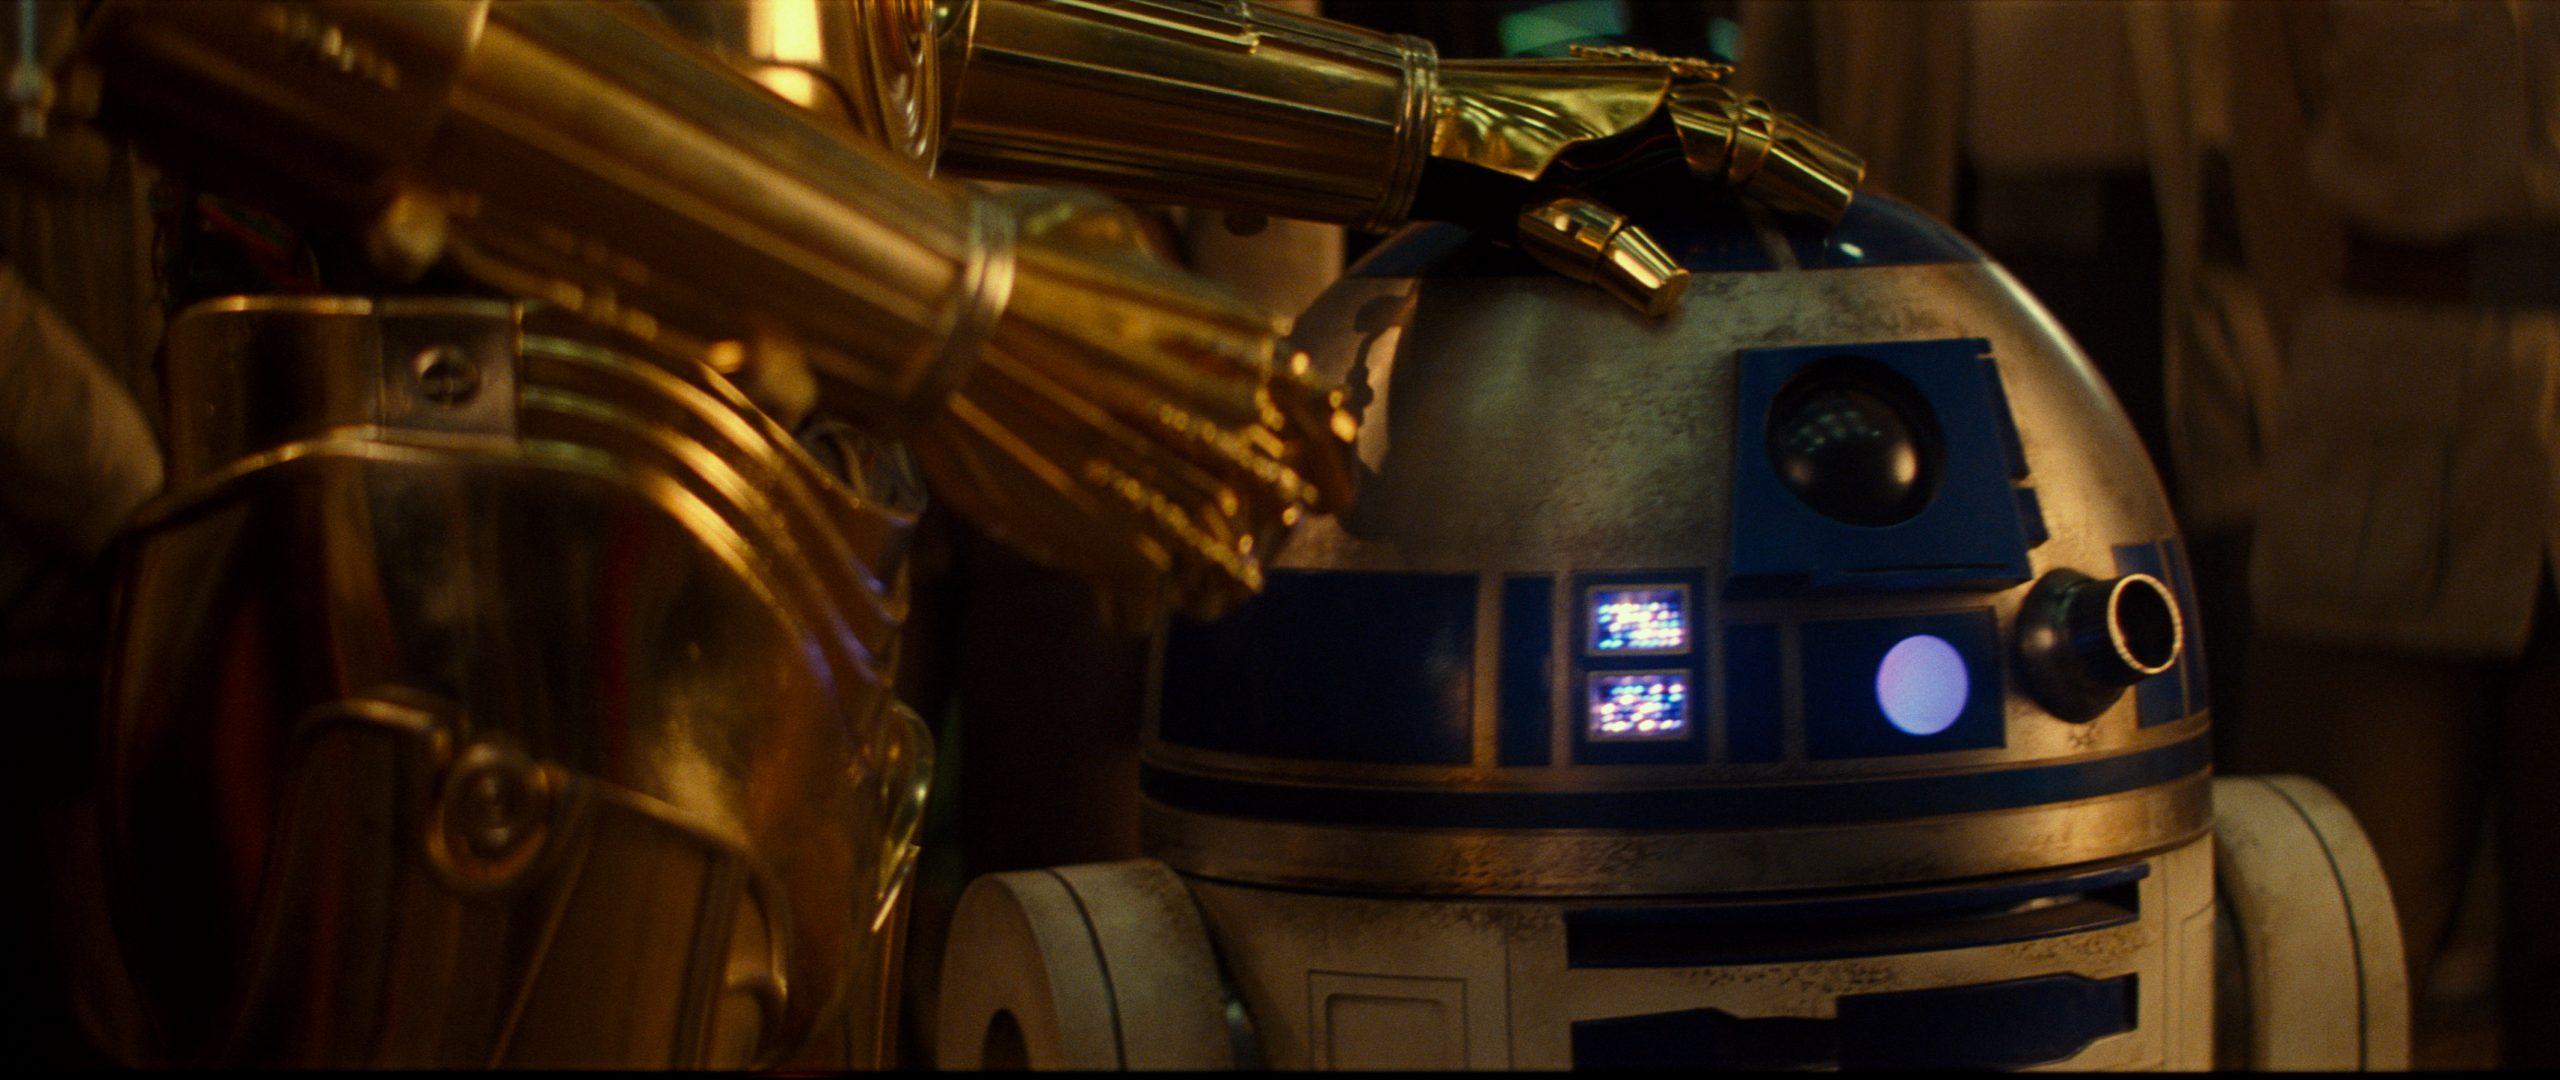 «Звёздные войны: Скайуокер. Восход» — для тех, кому не понравились «Последние джедаи» 3